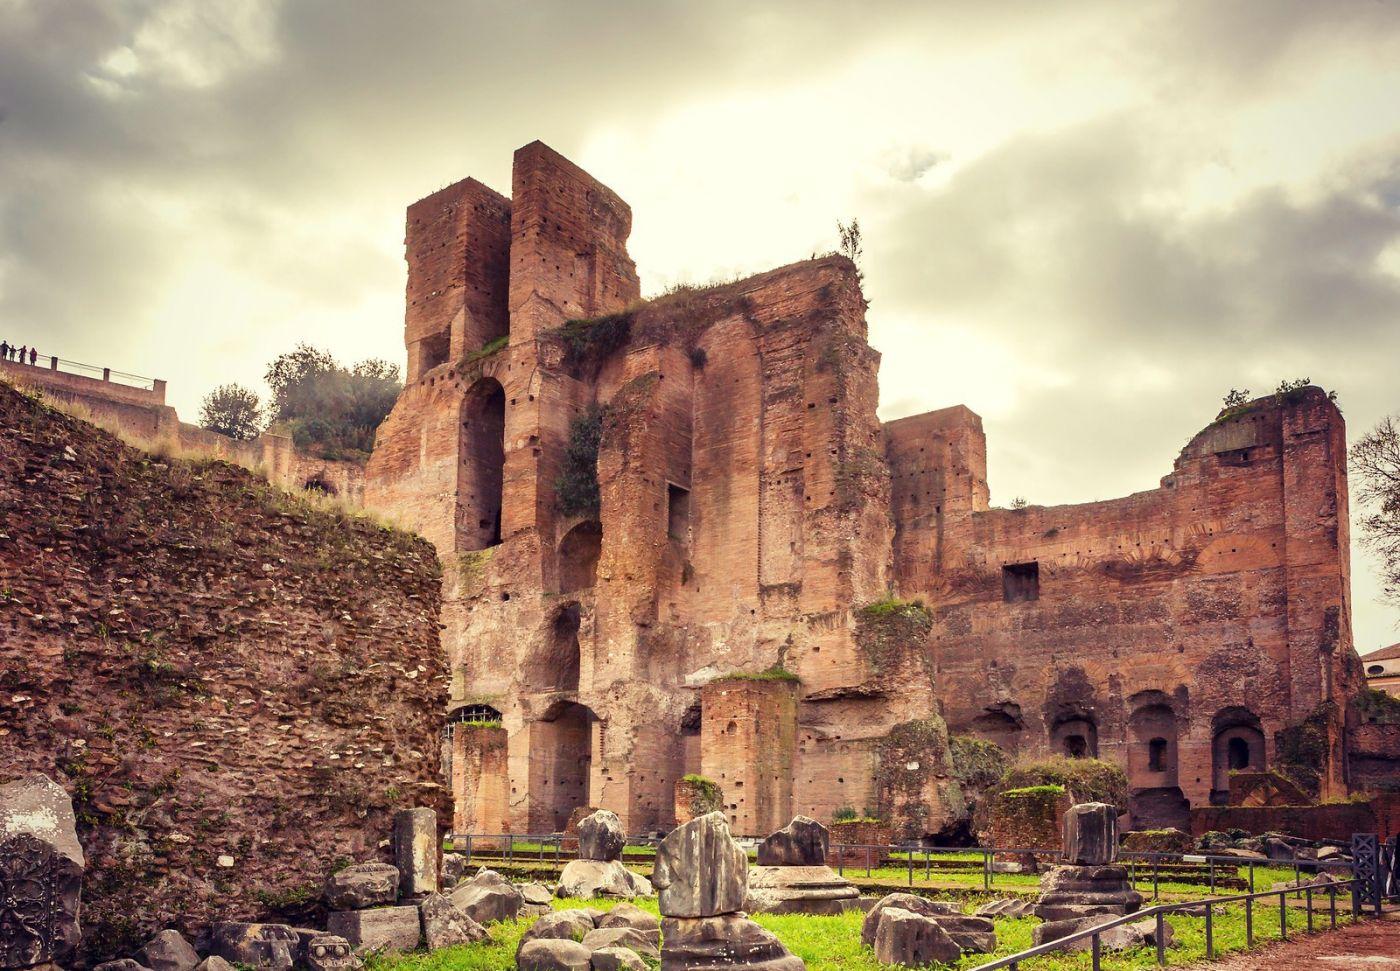 意大利罗马论坛,很敬佩_图1-24